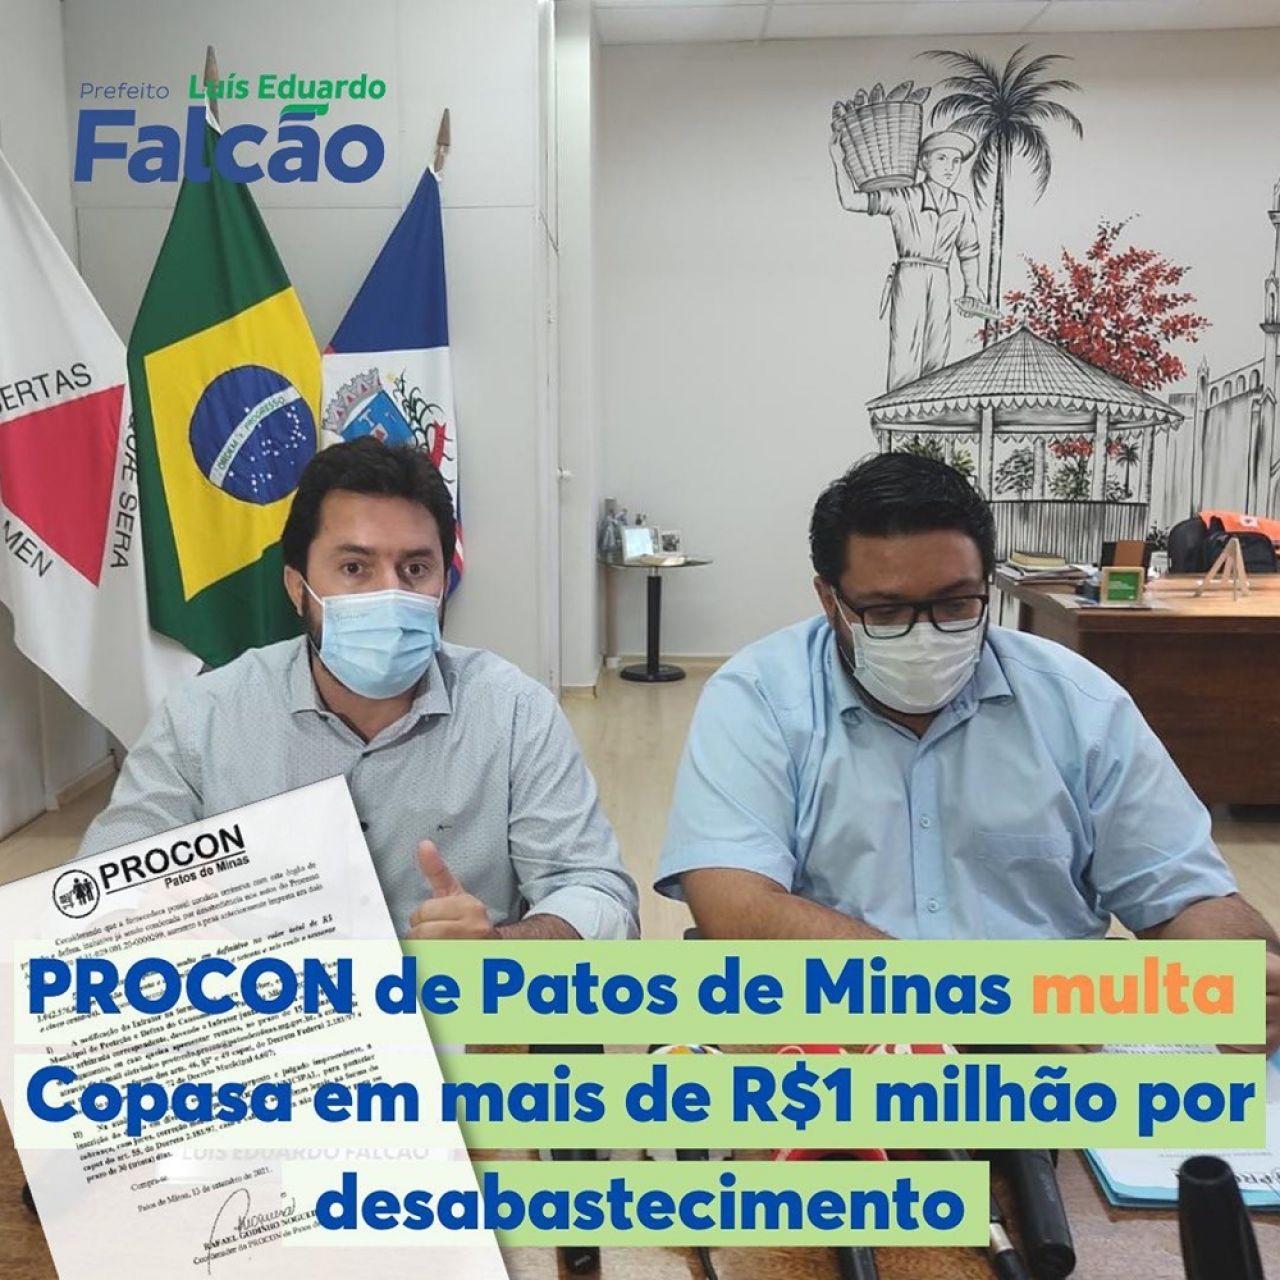 Procon multa Copasa em mais de R$ 1 milhão por desabastecimento